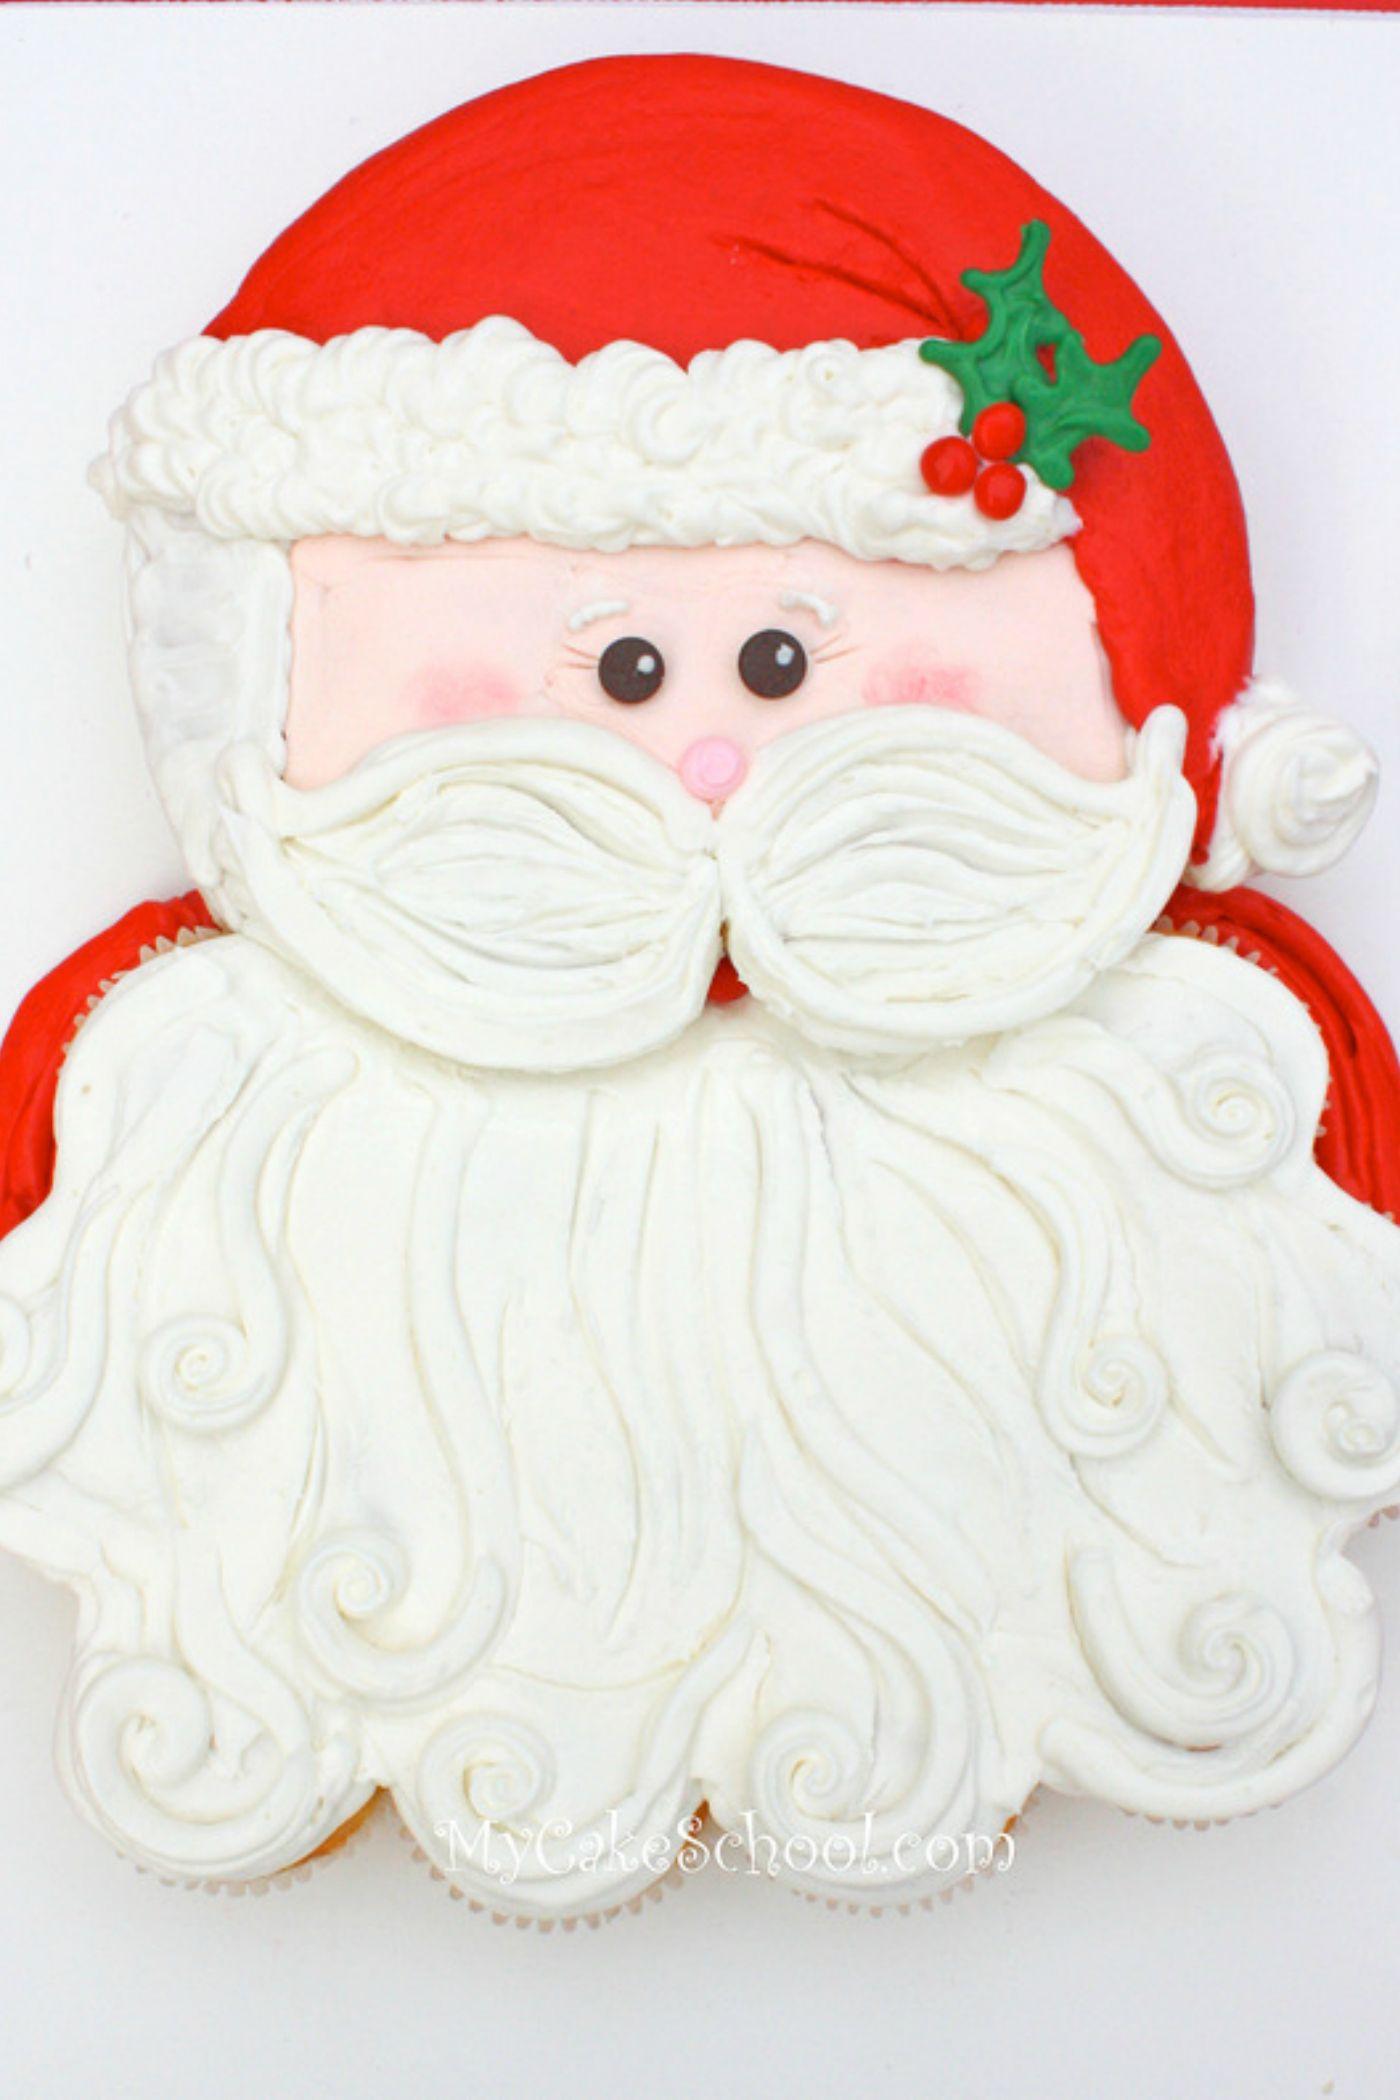 Sweet Santa Claus Pull-Apart Cupcake Cake